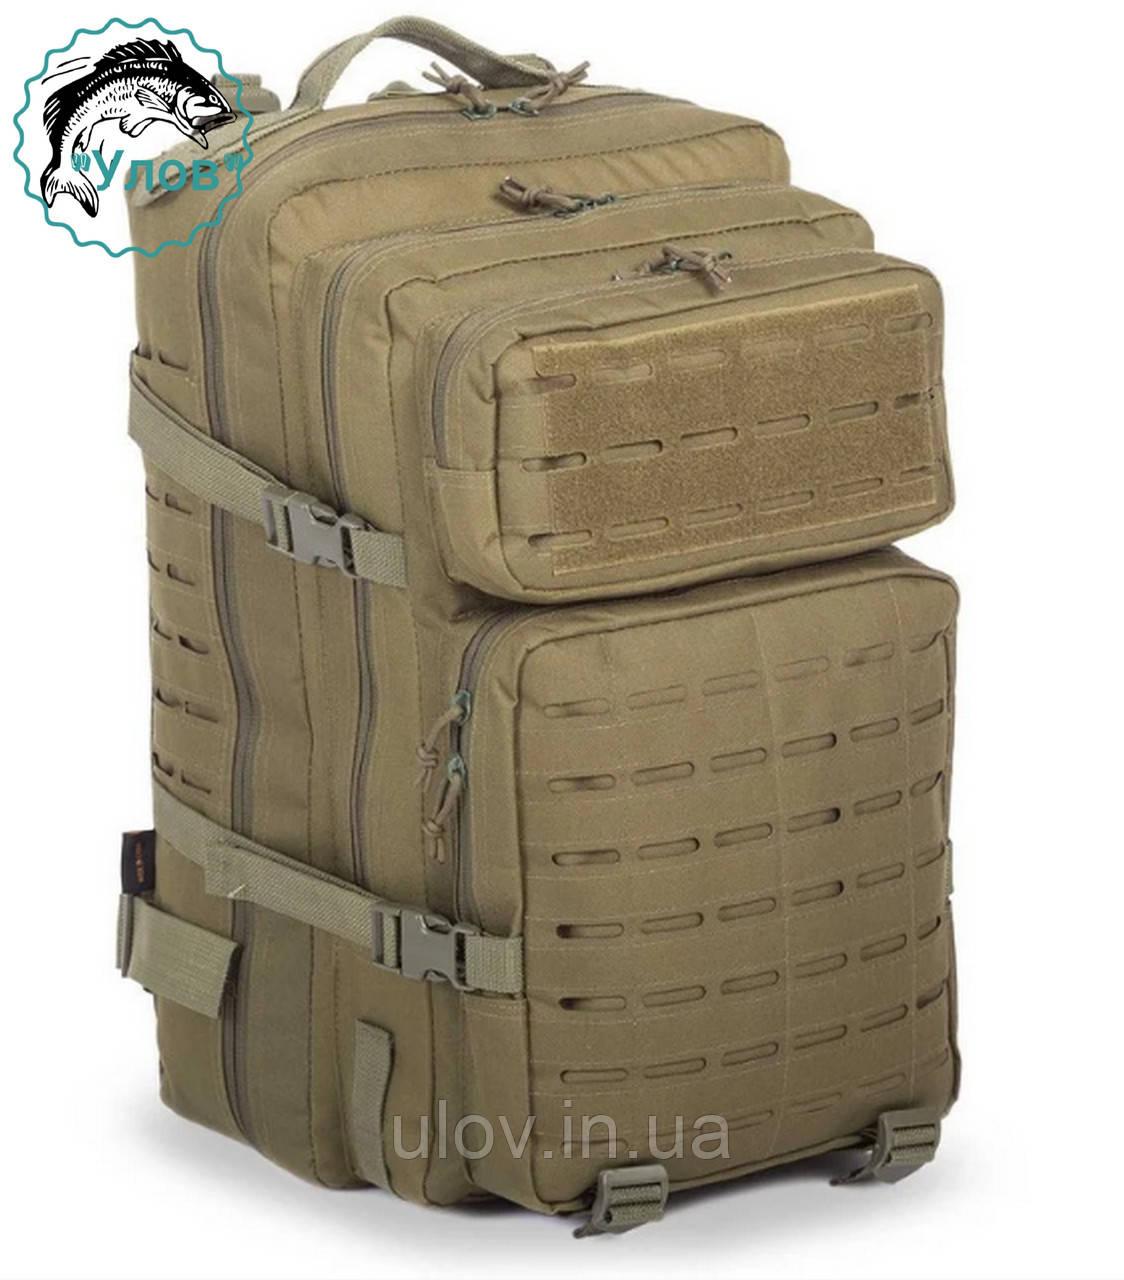 Рюкзак тактический штурмовой Олива RT-1512 50л